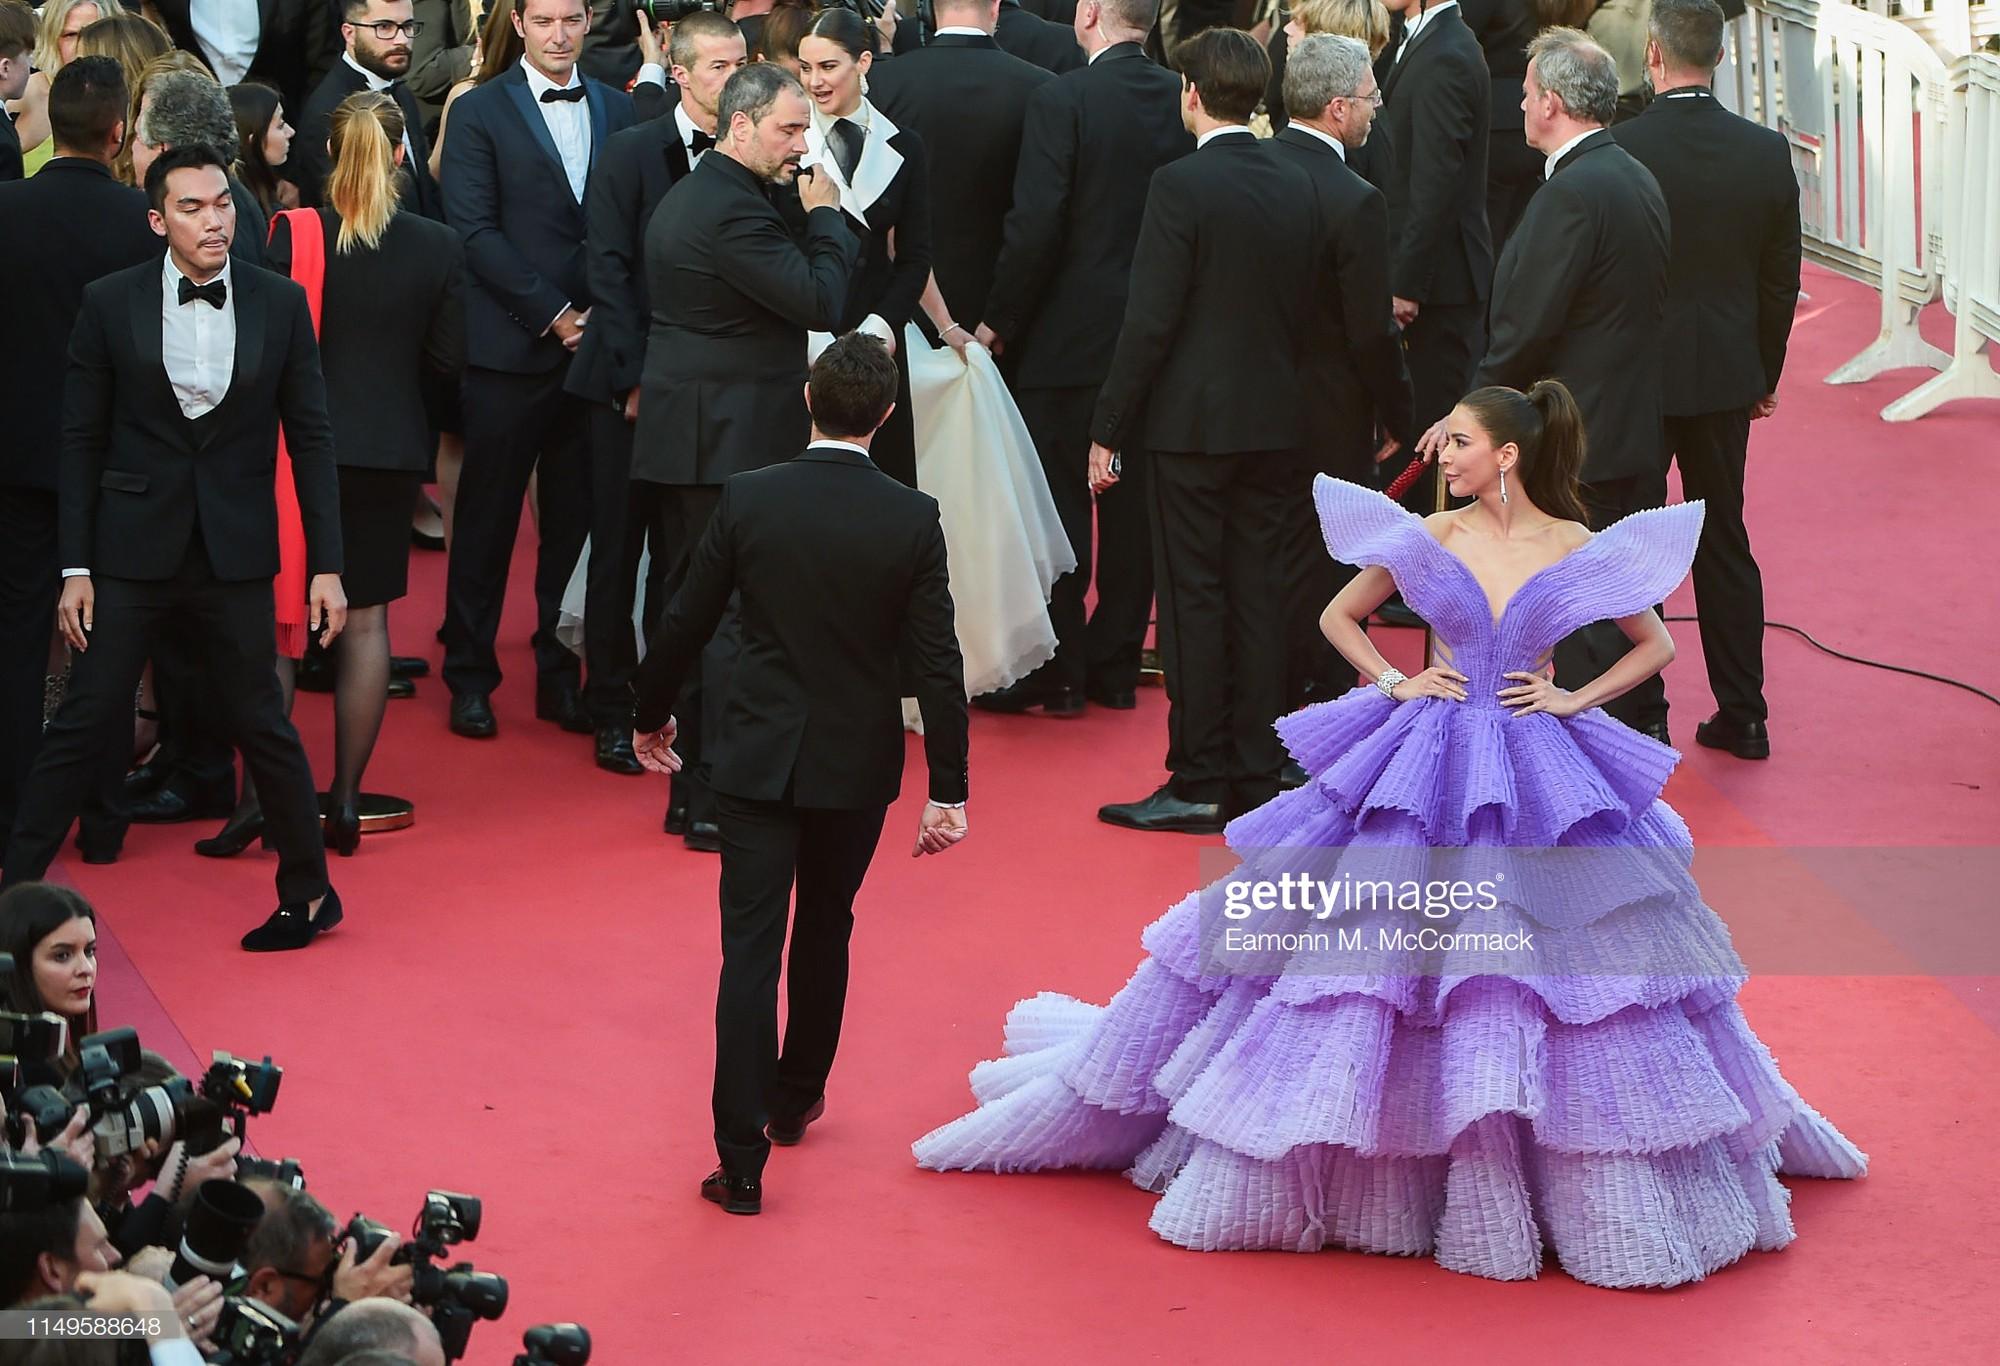 Thảm đỏ Cannes ngày 3: HLV The Face Thái Lan bất ngờ vùng lên chặt chém Bella Hadid cùng dàn mỹ nhân váy xẻ - Ảnh 14.